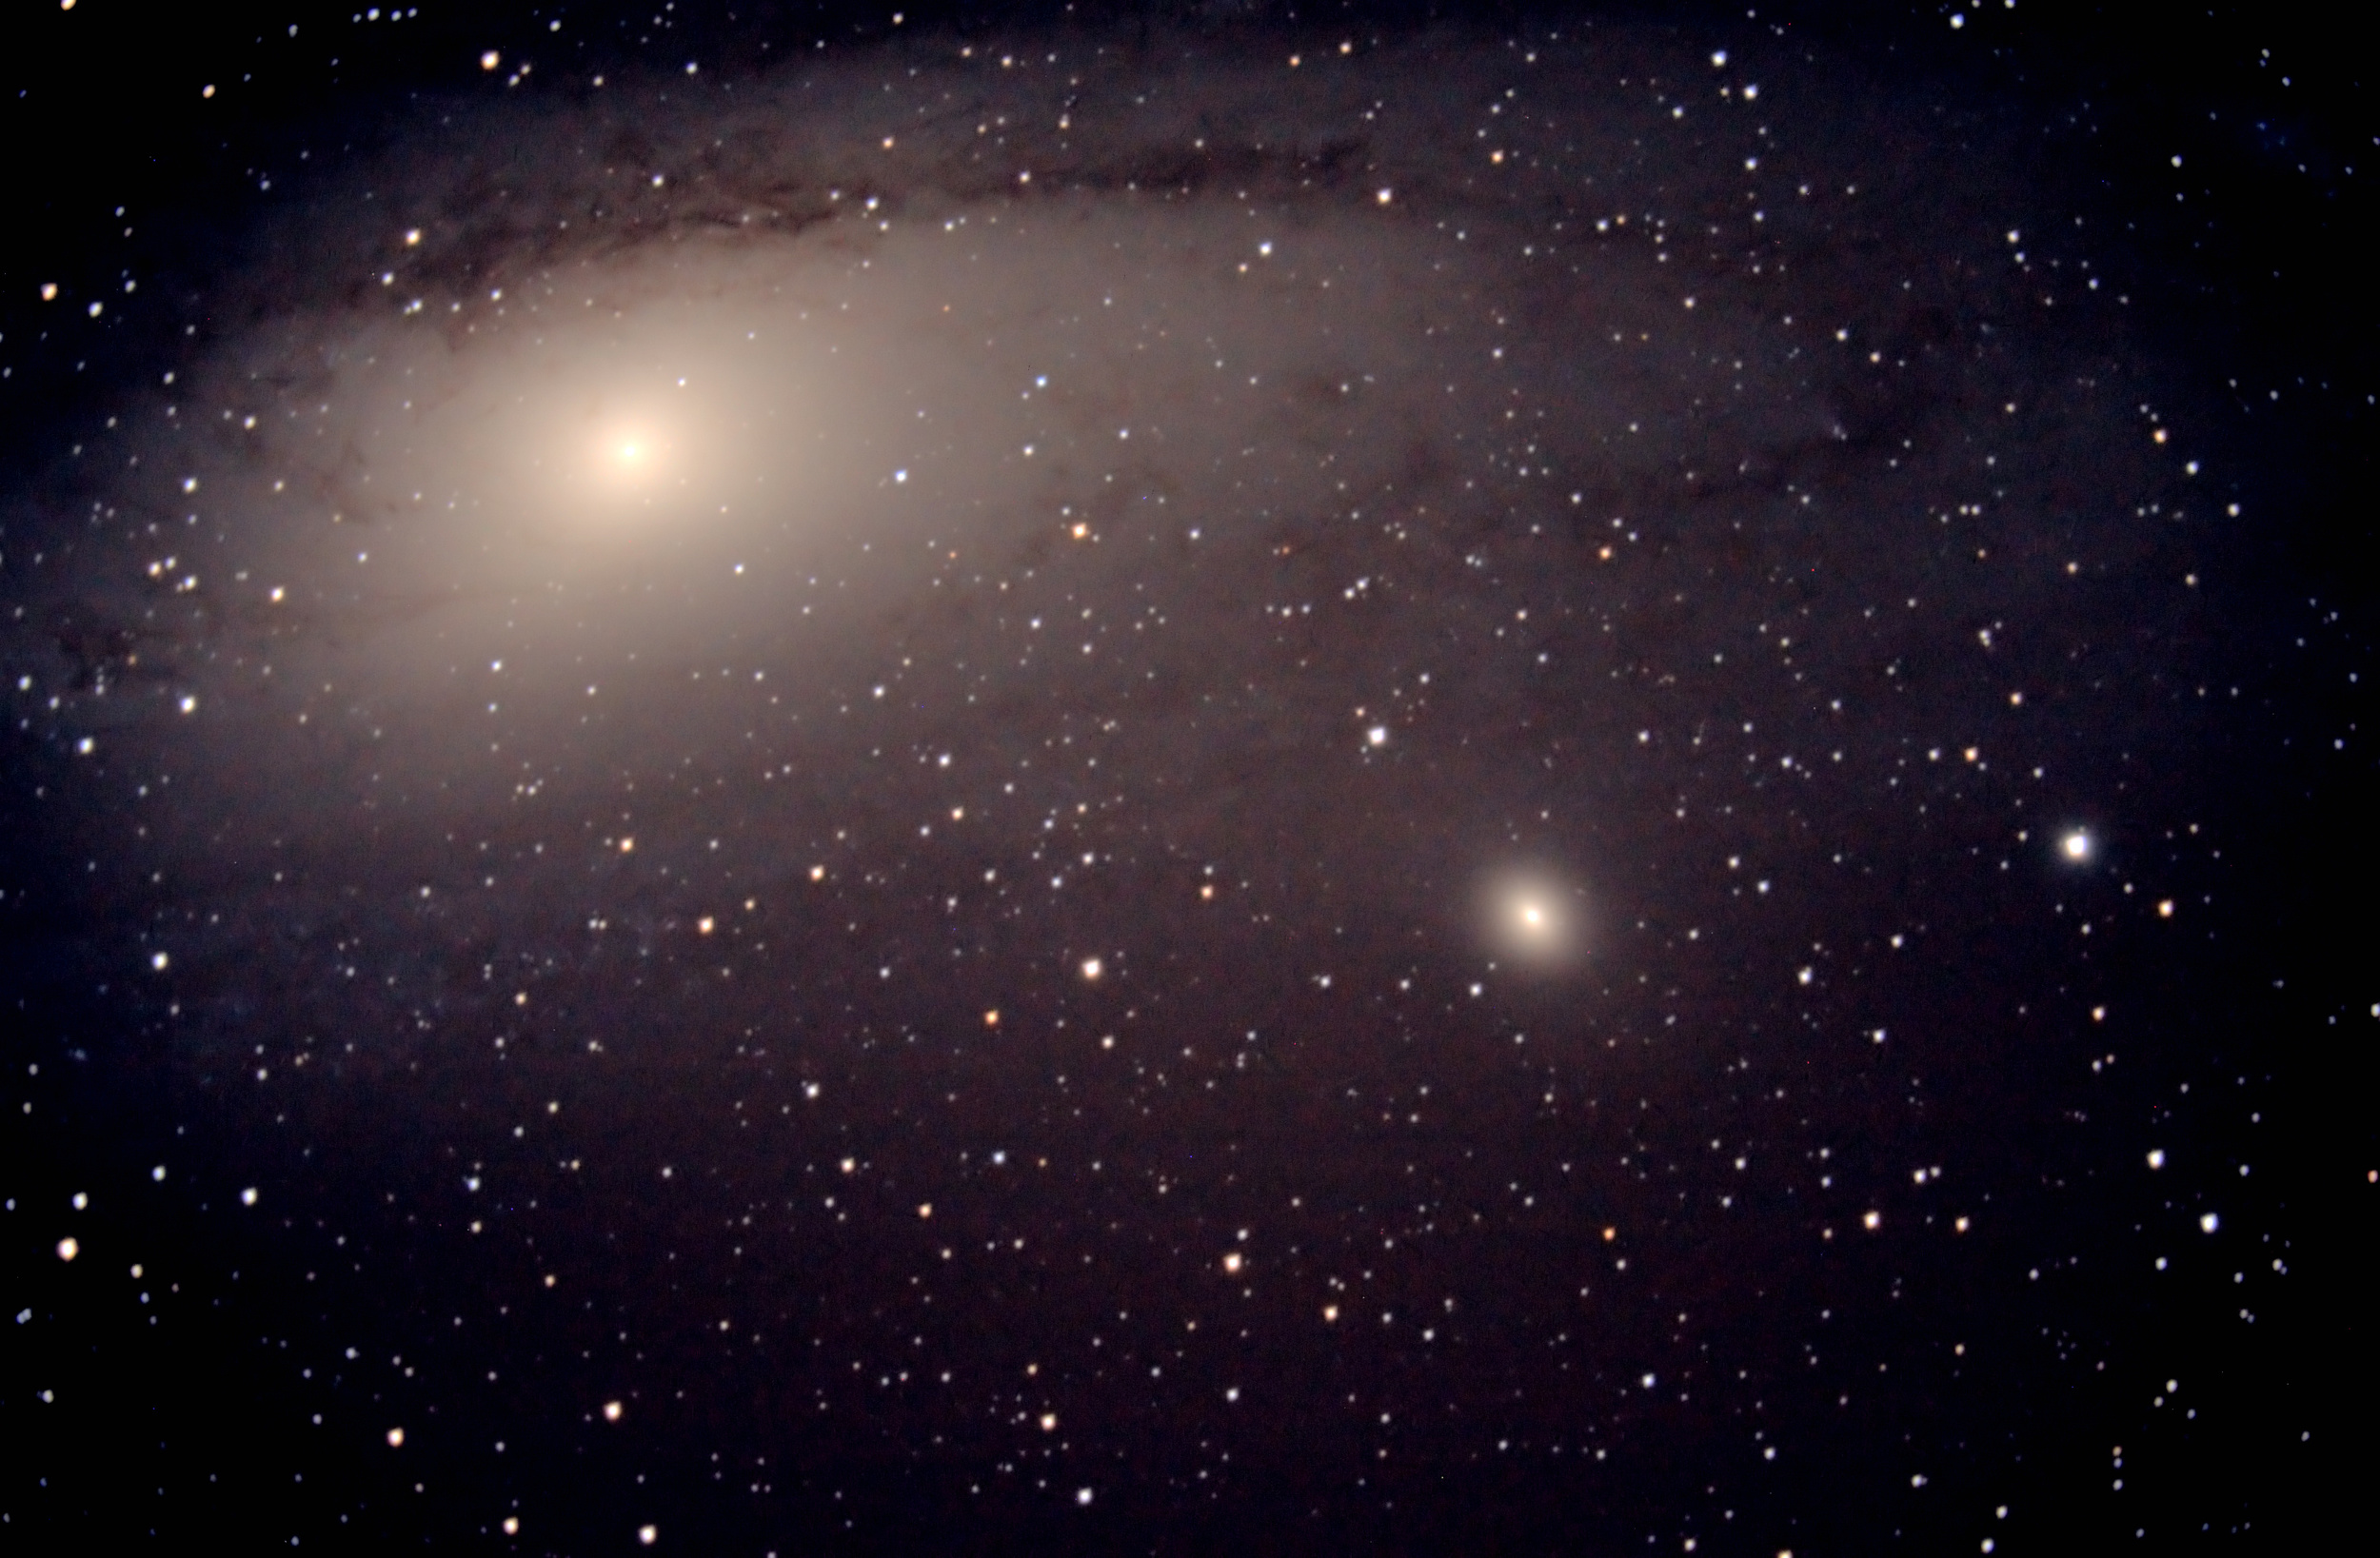 Andromeda Galaxy (M31,M101)